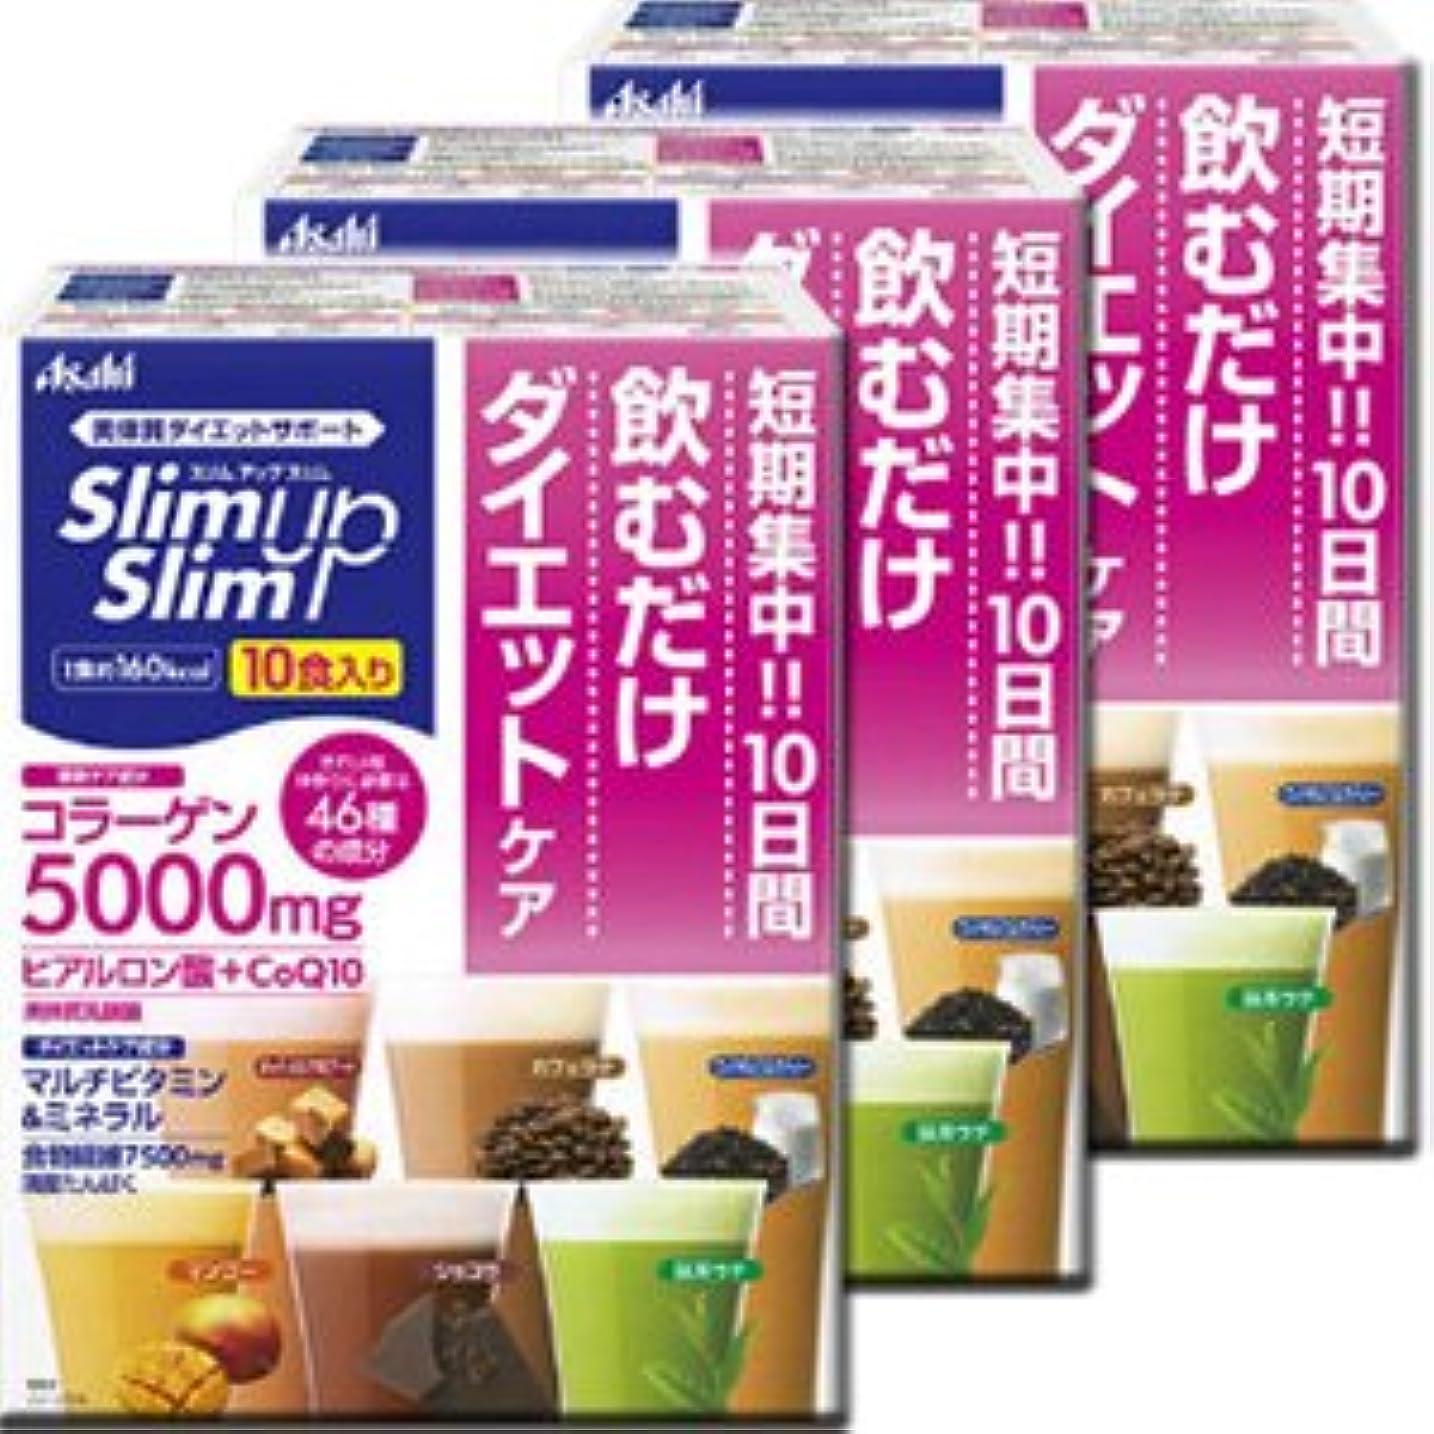 レギュラー光沢慢【3箱】 アサヒフードアンドヘルスケア スリムアップスリム シェイク 10食x3箱 (4946842636679)